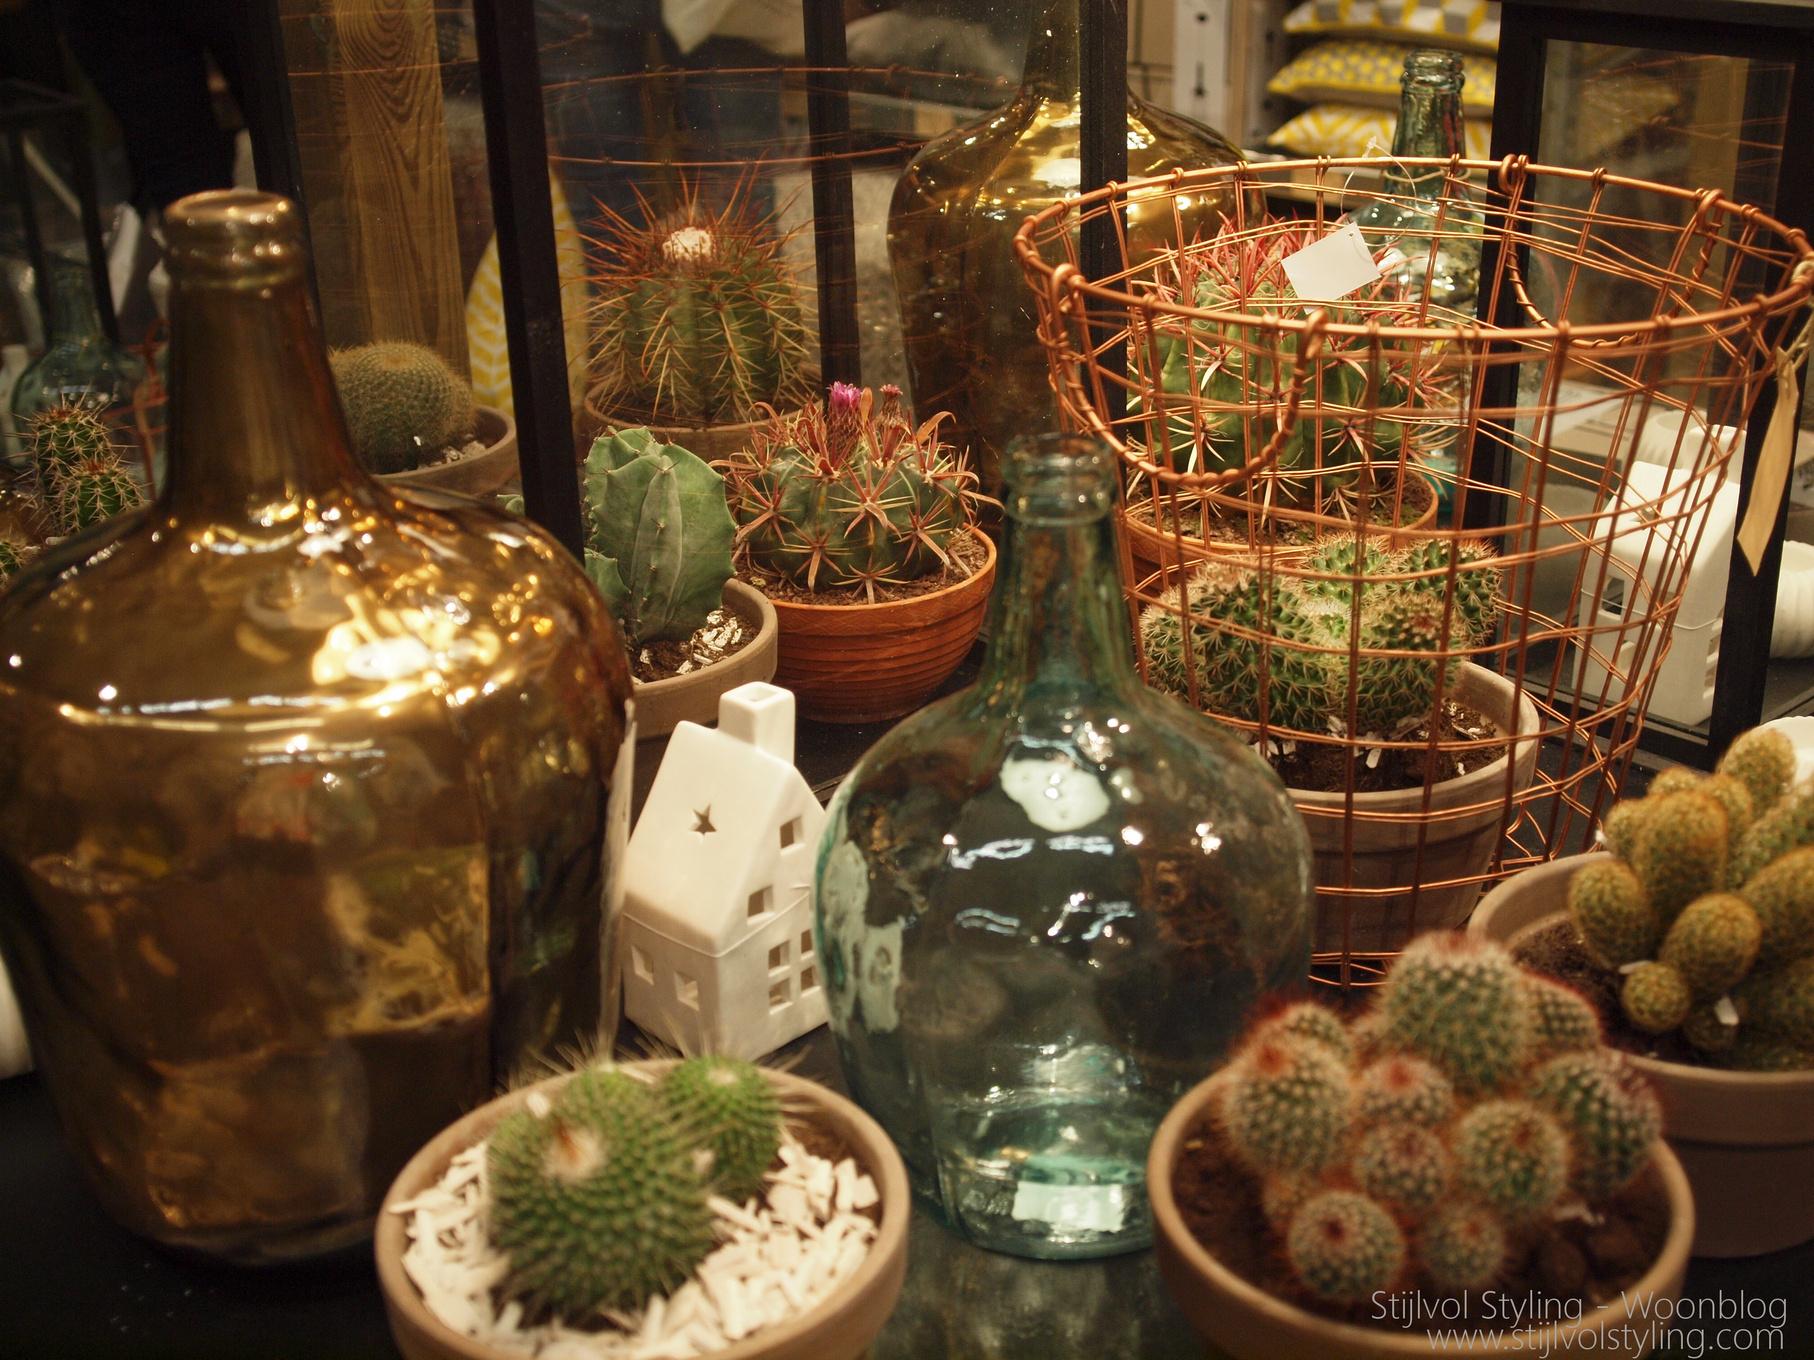 Zuiverende Planten Slaapkamer : Go Green, groen in jouw interieur is ...